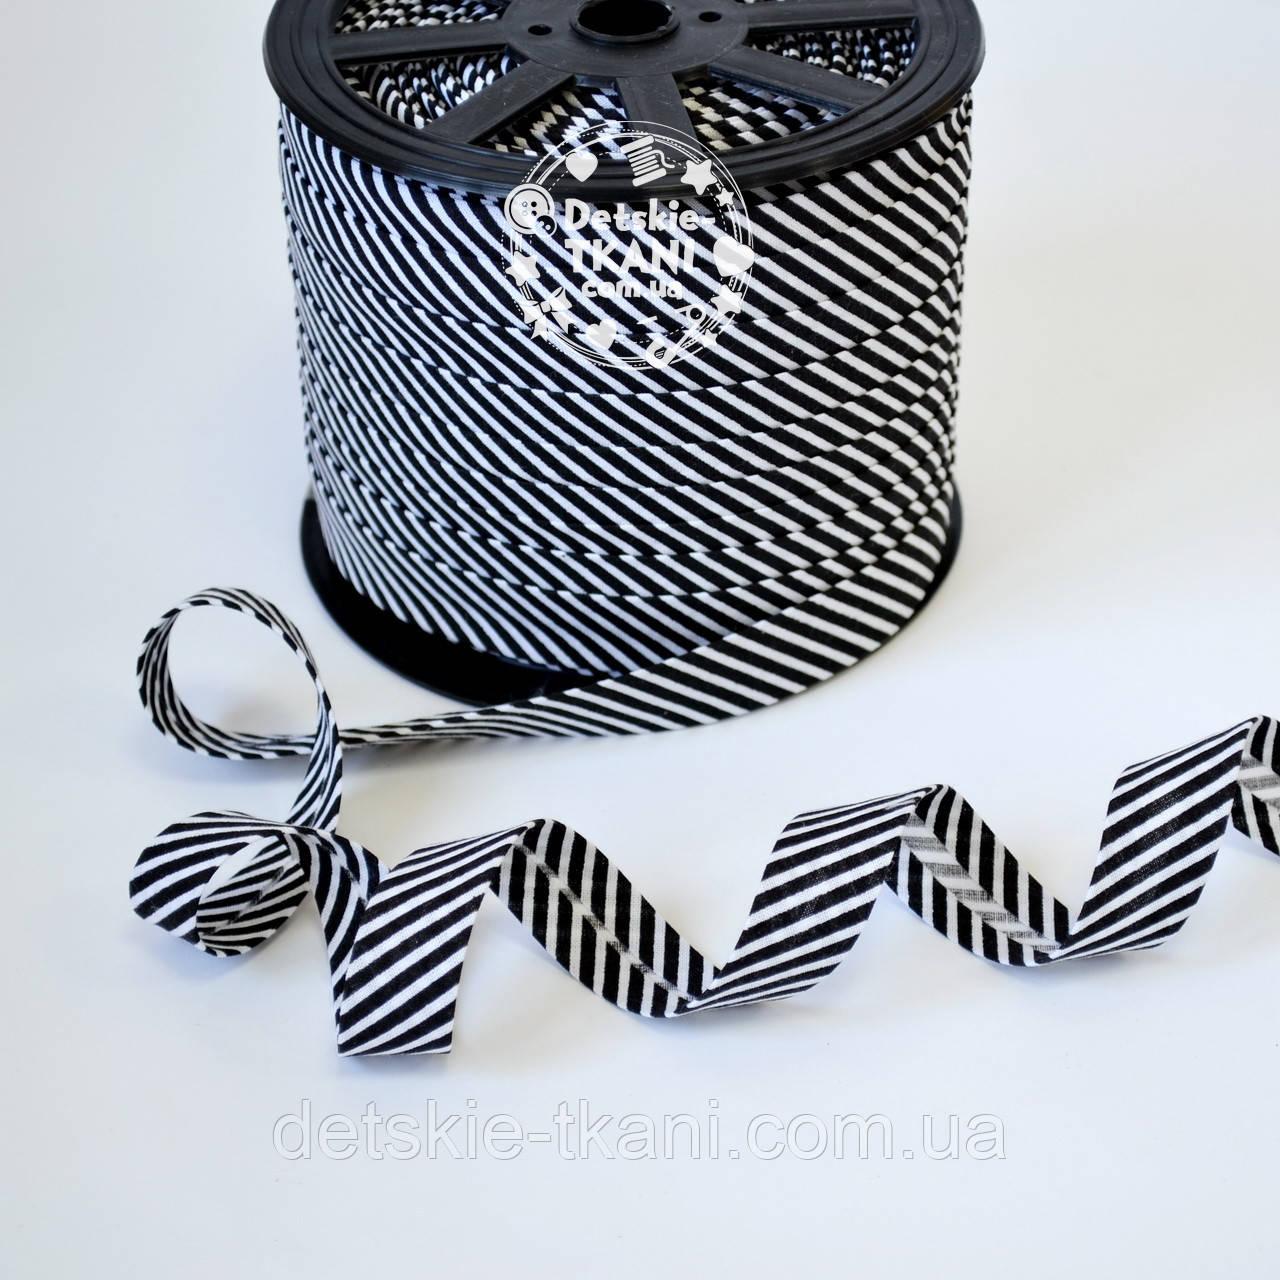 Косая бейка из хлопка для окантовки с тонкой черной полоской